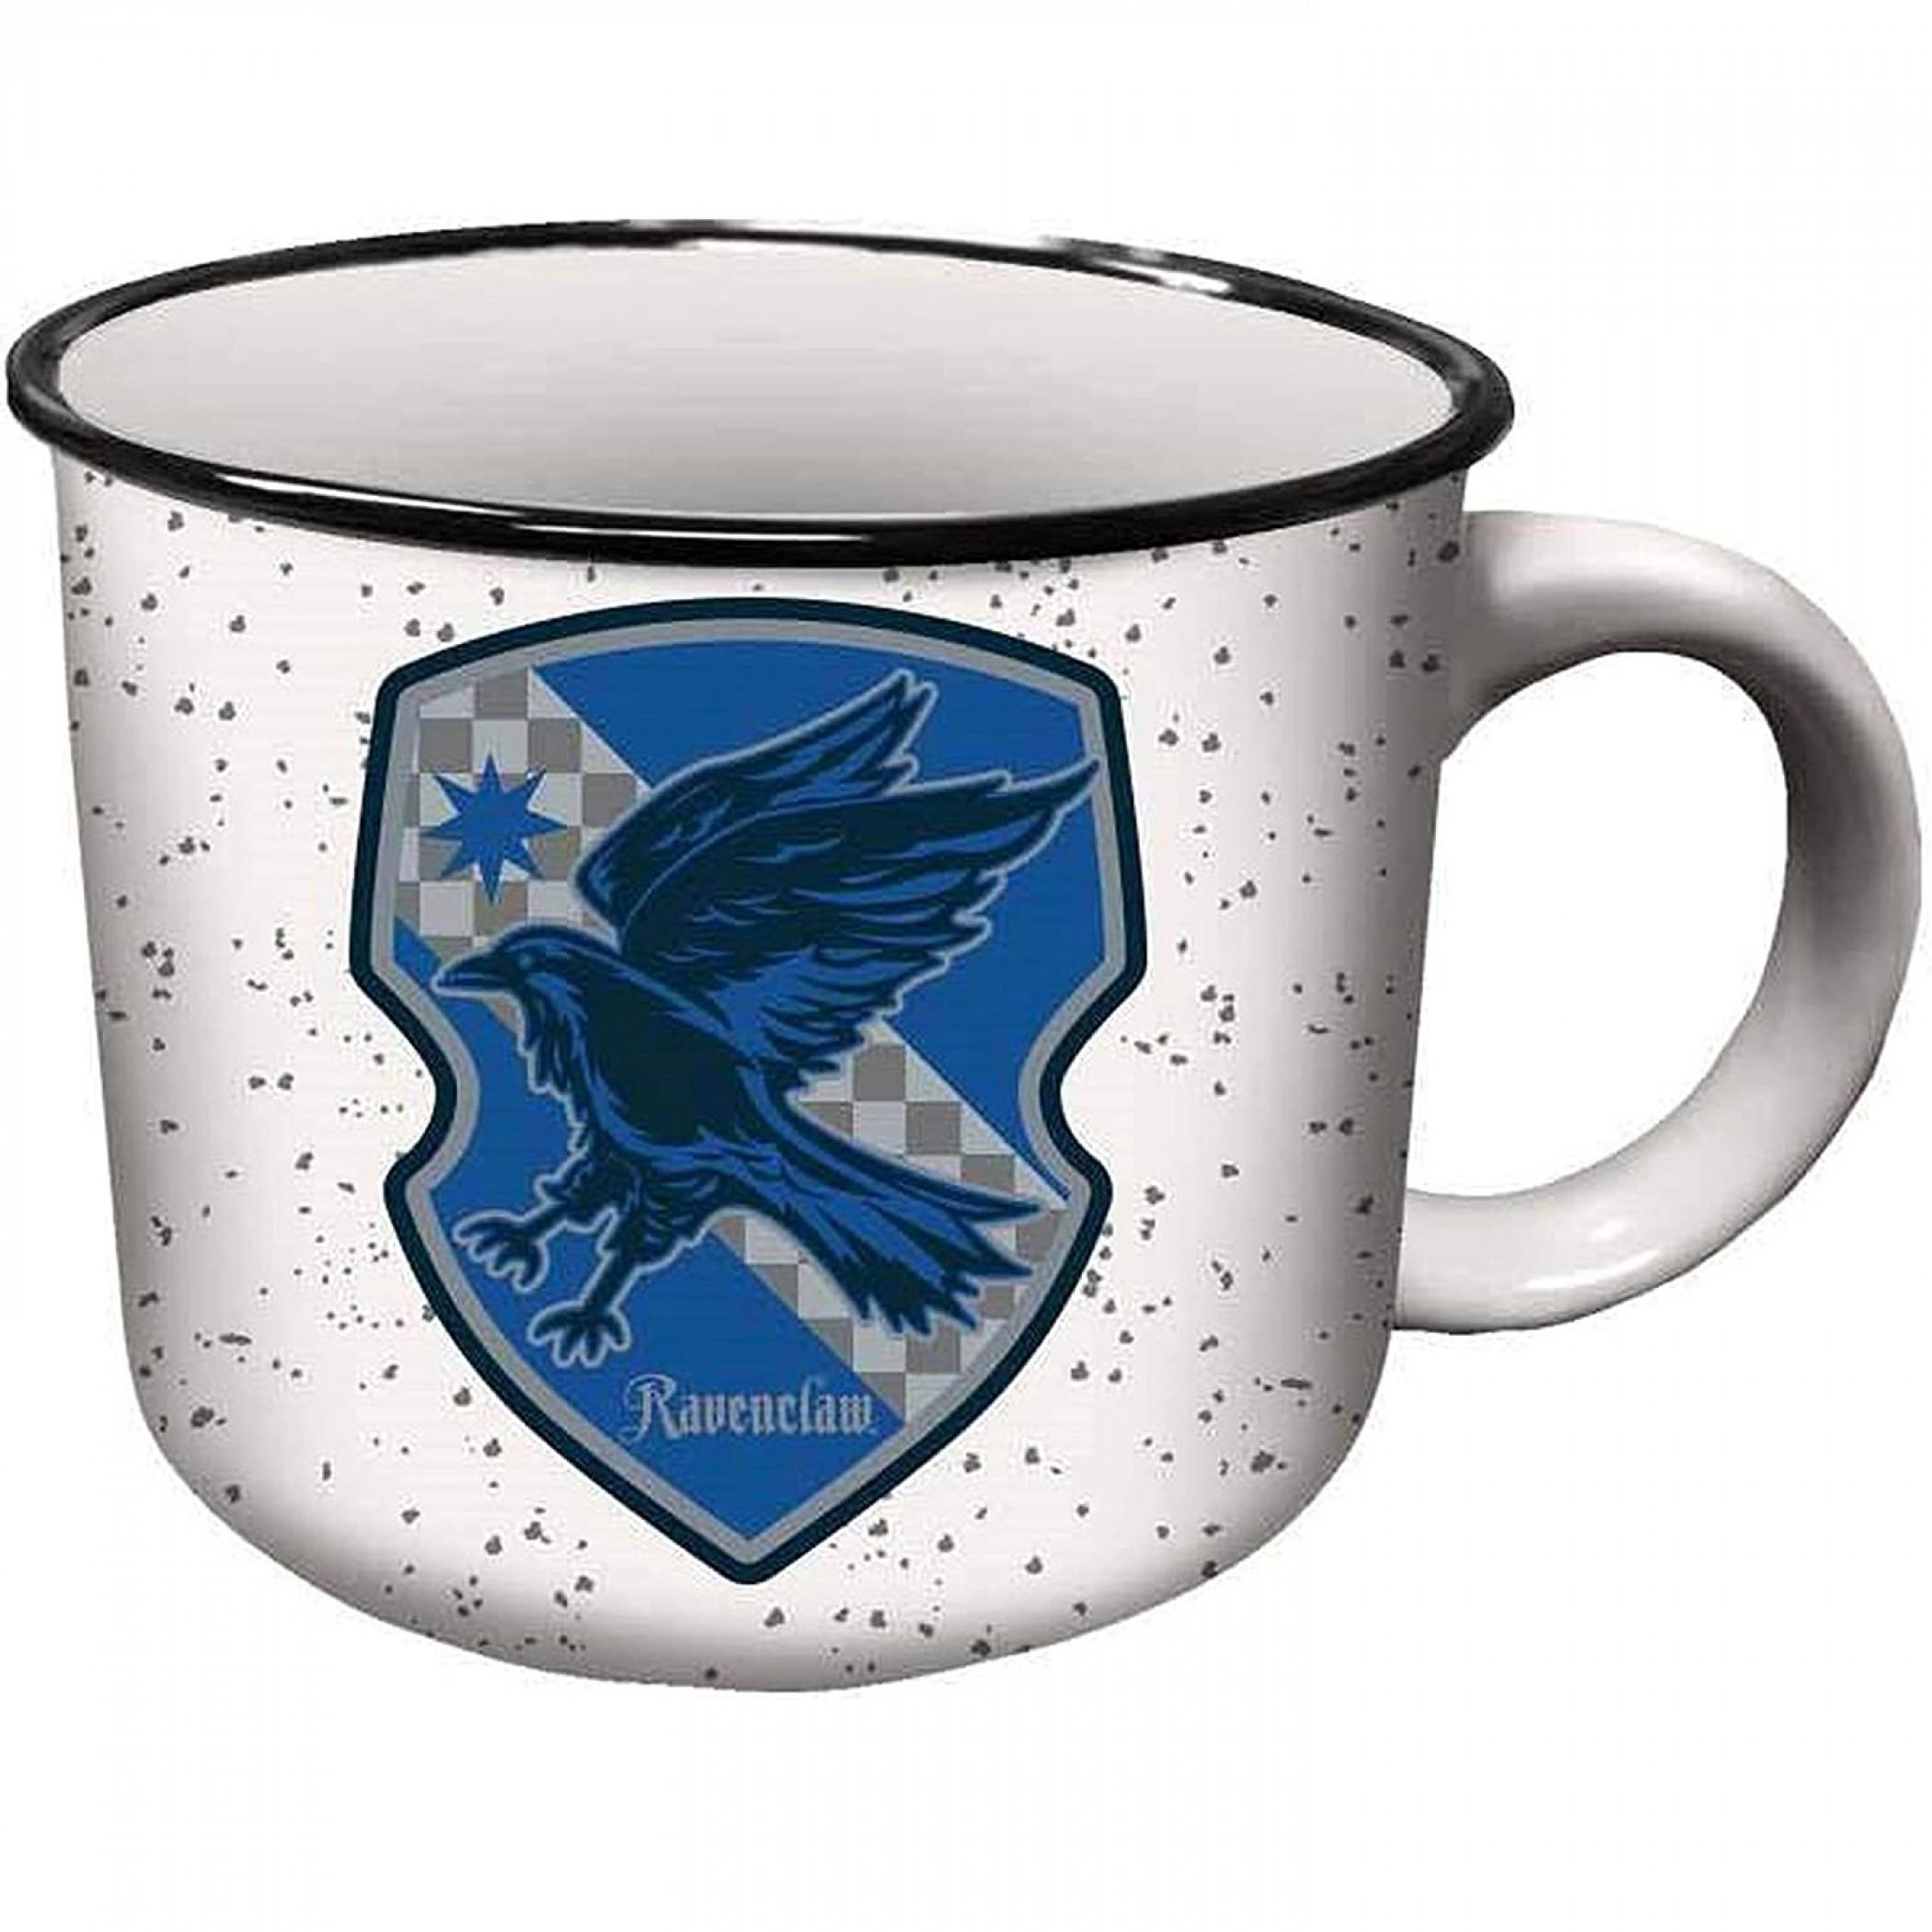 Harry Potter Ravenclaw House Crest Ceramic Camper Mug